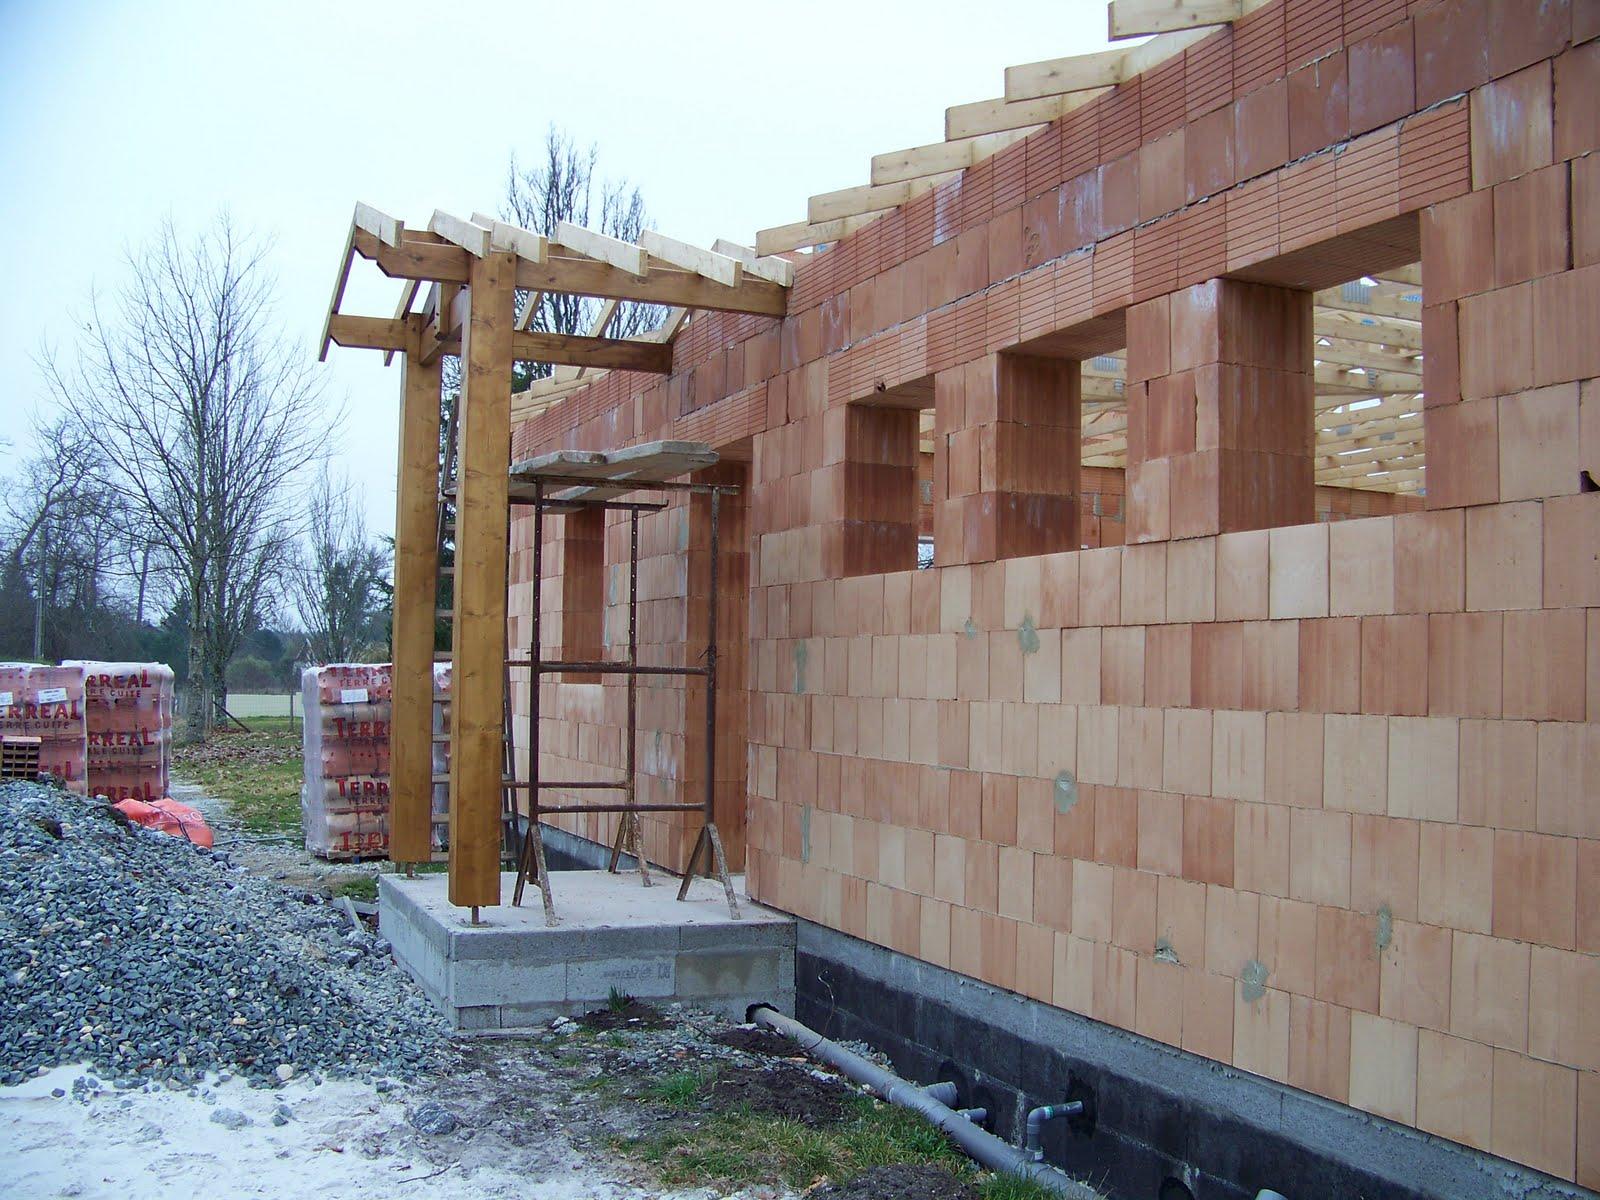 Autoconstruction saucats ecran sous toiture - Ecran sous toiture obligatoire ...